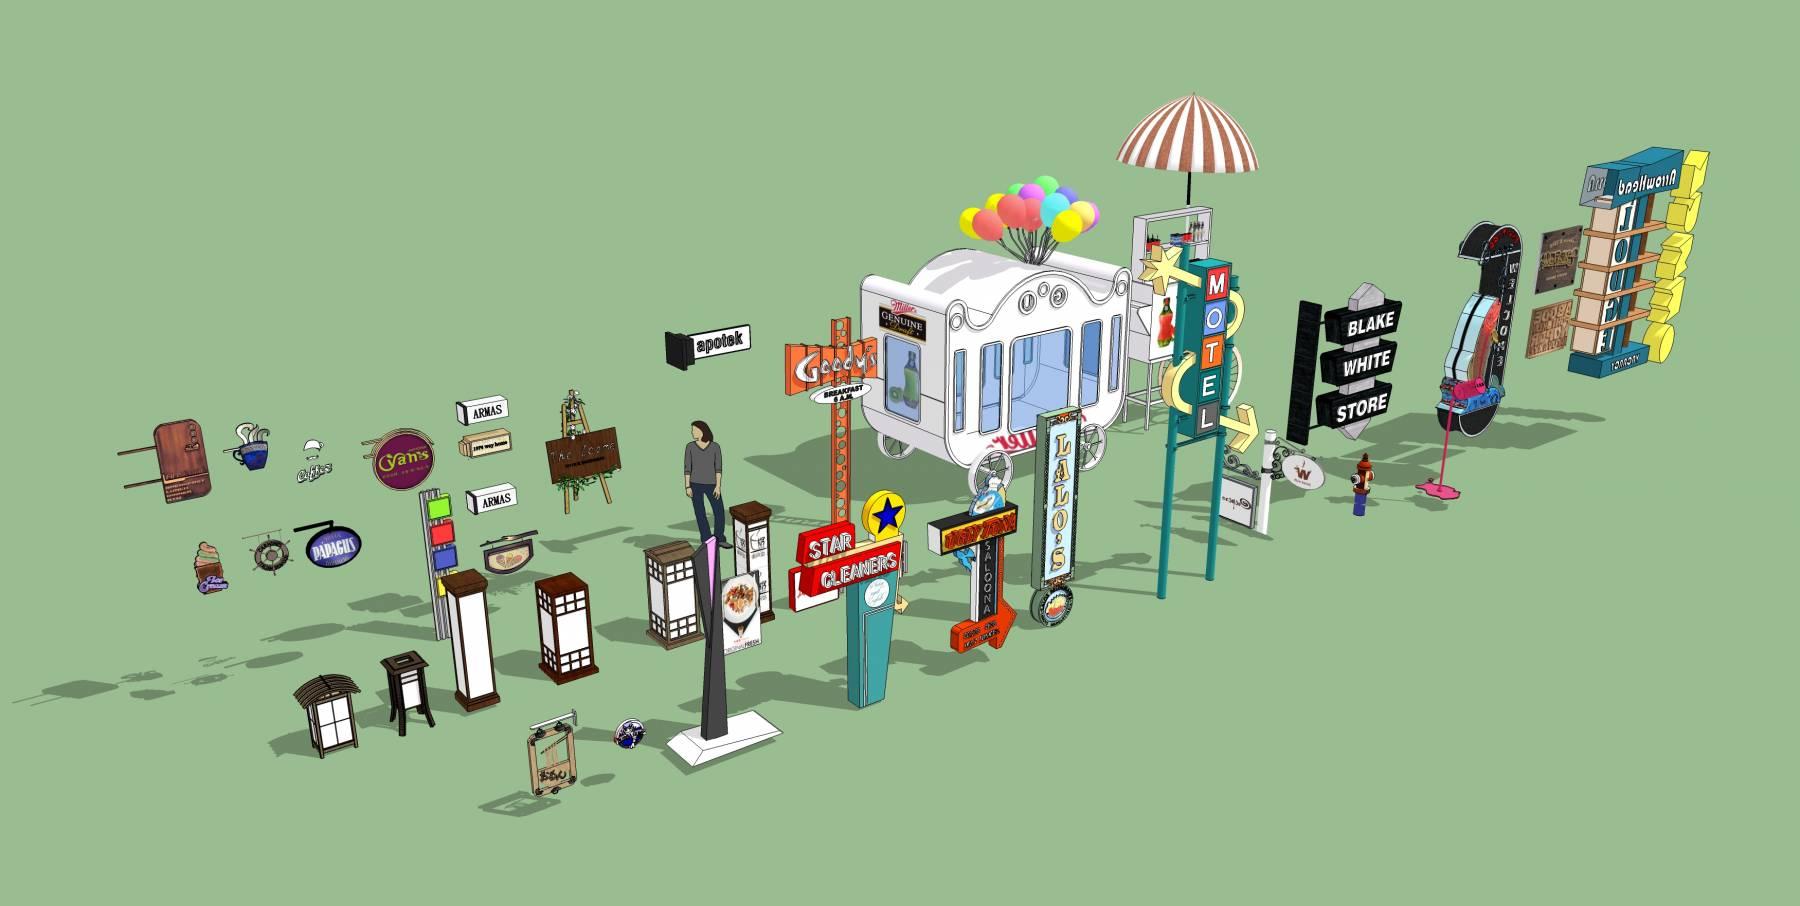 商业街广告牌特色小品构筑物su模